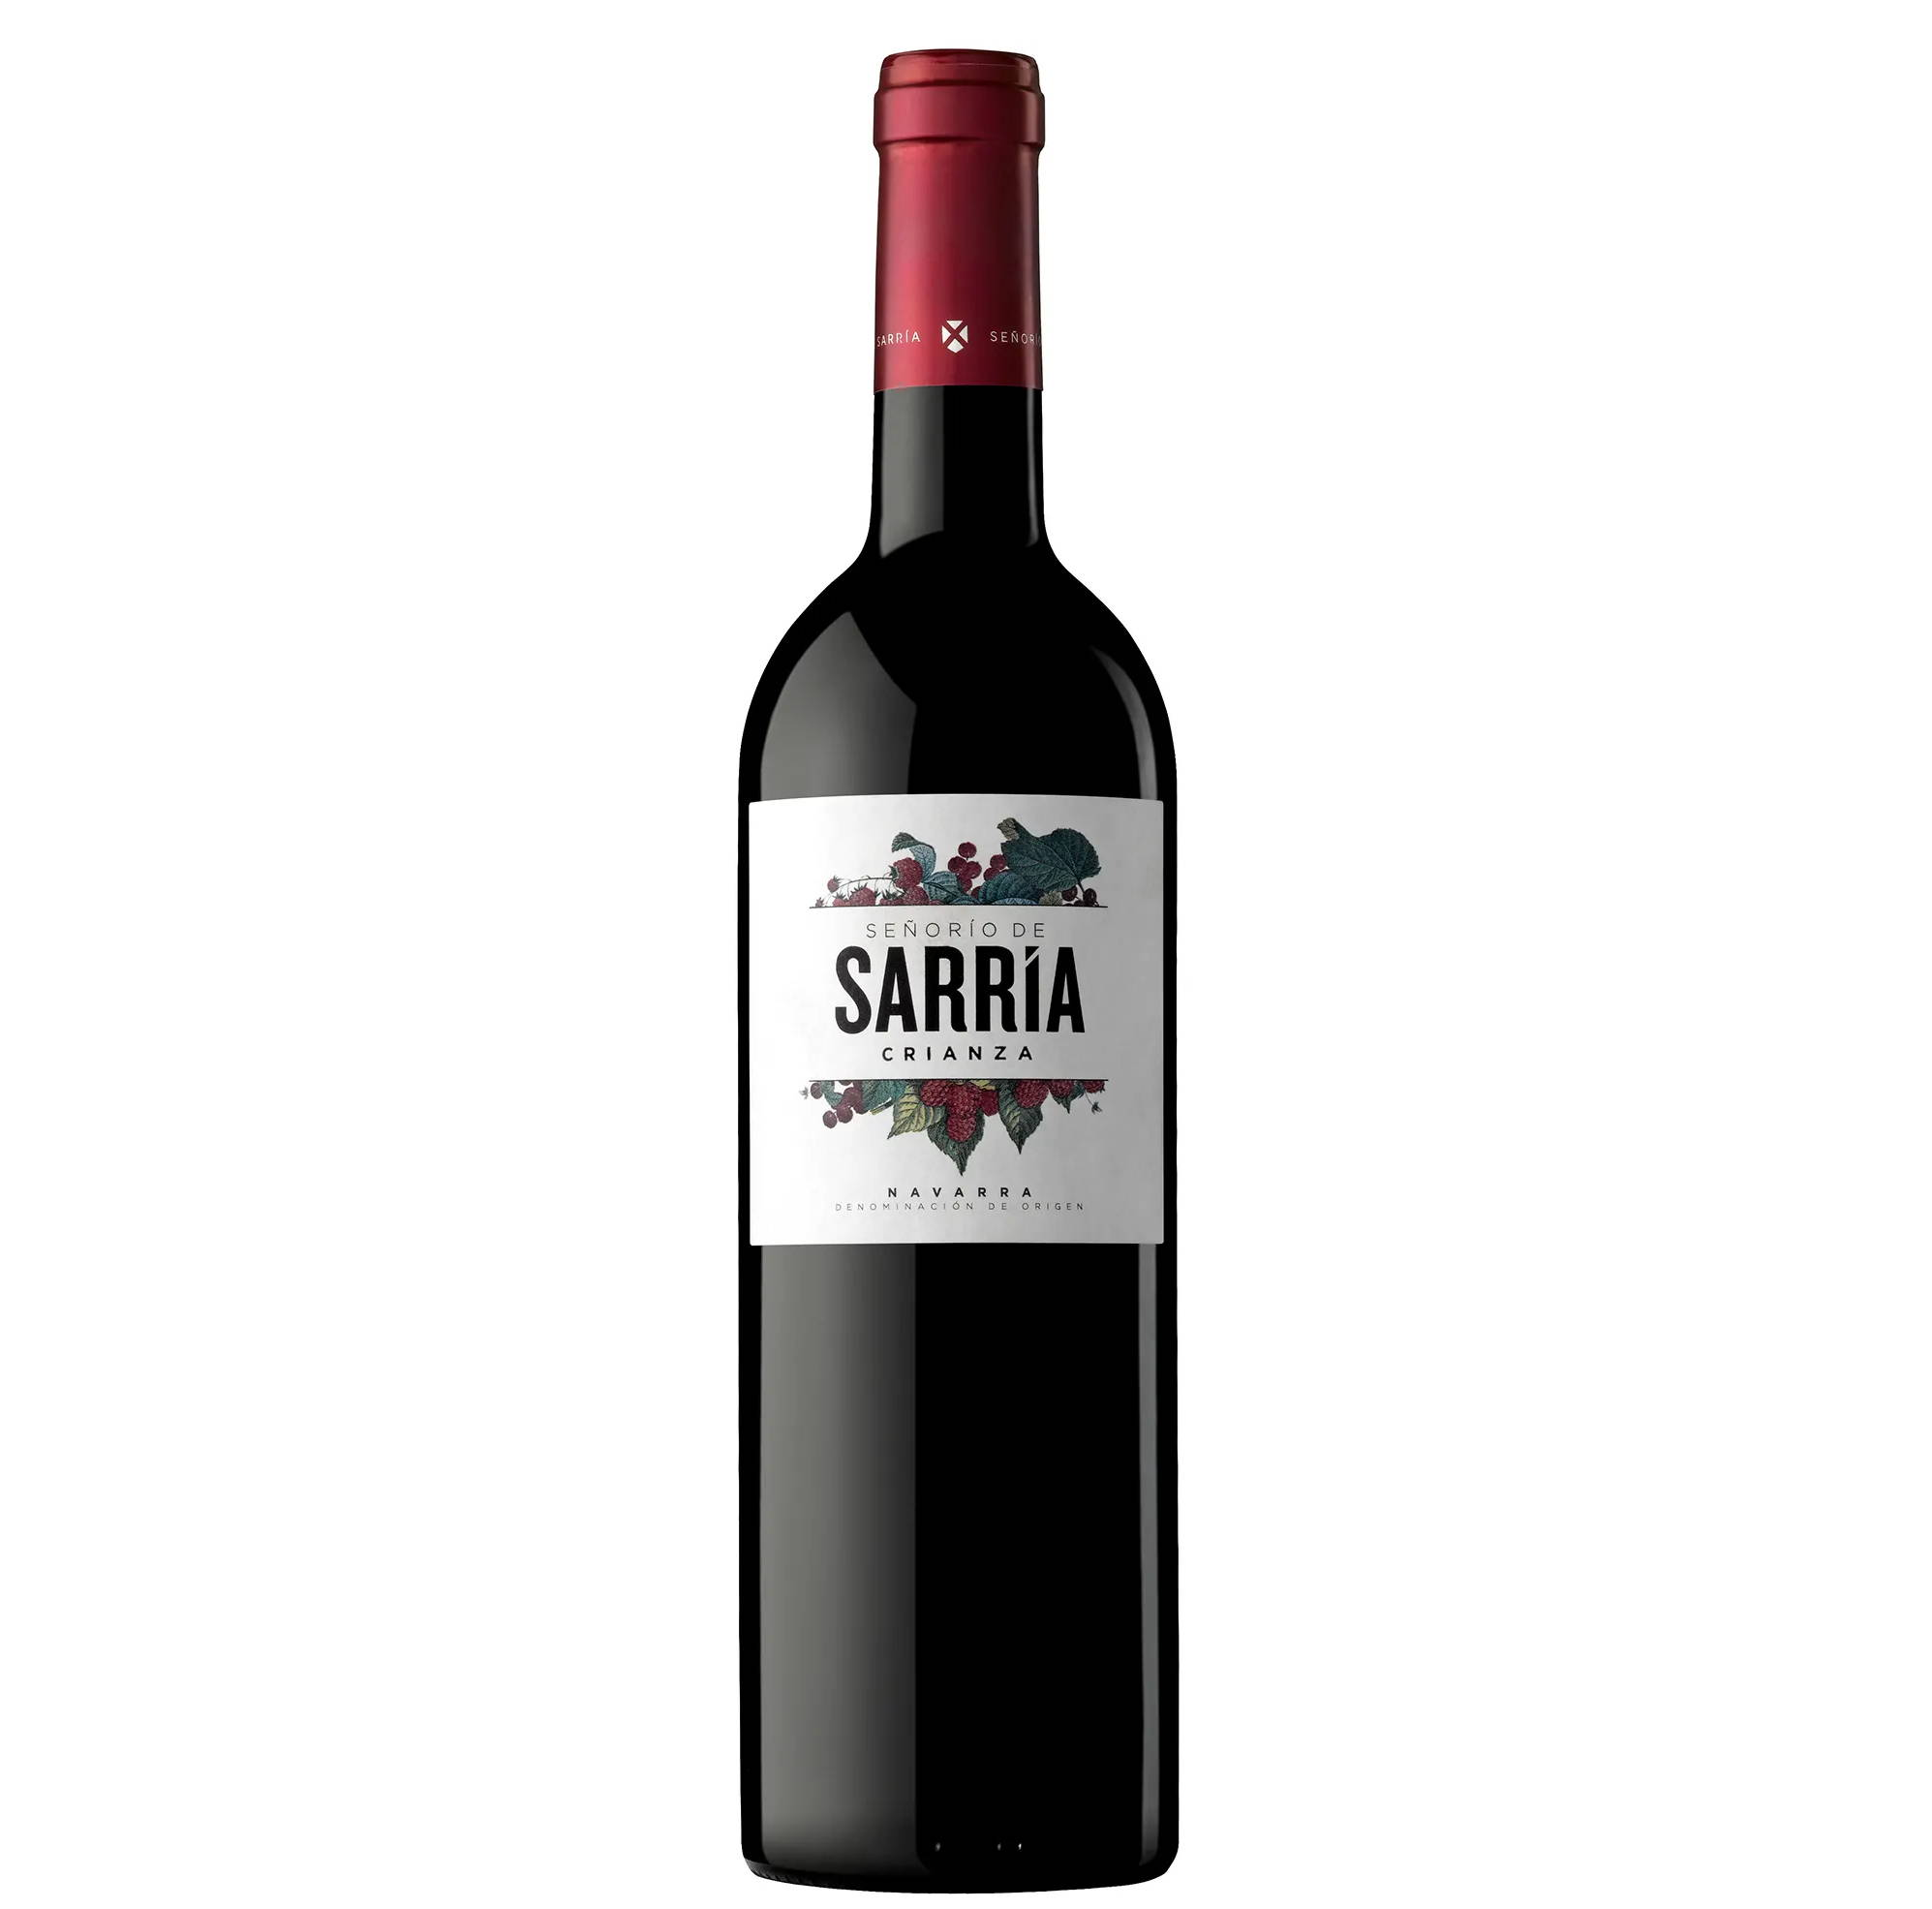 Señorío de Sarría Crianza Spanish wines  distributed by Beviamo International in Houston, TX